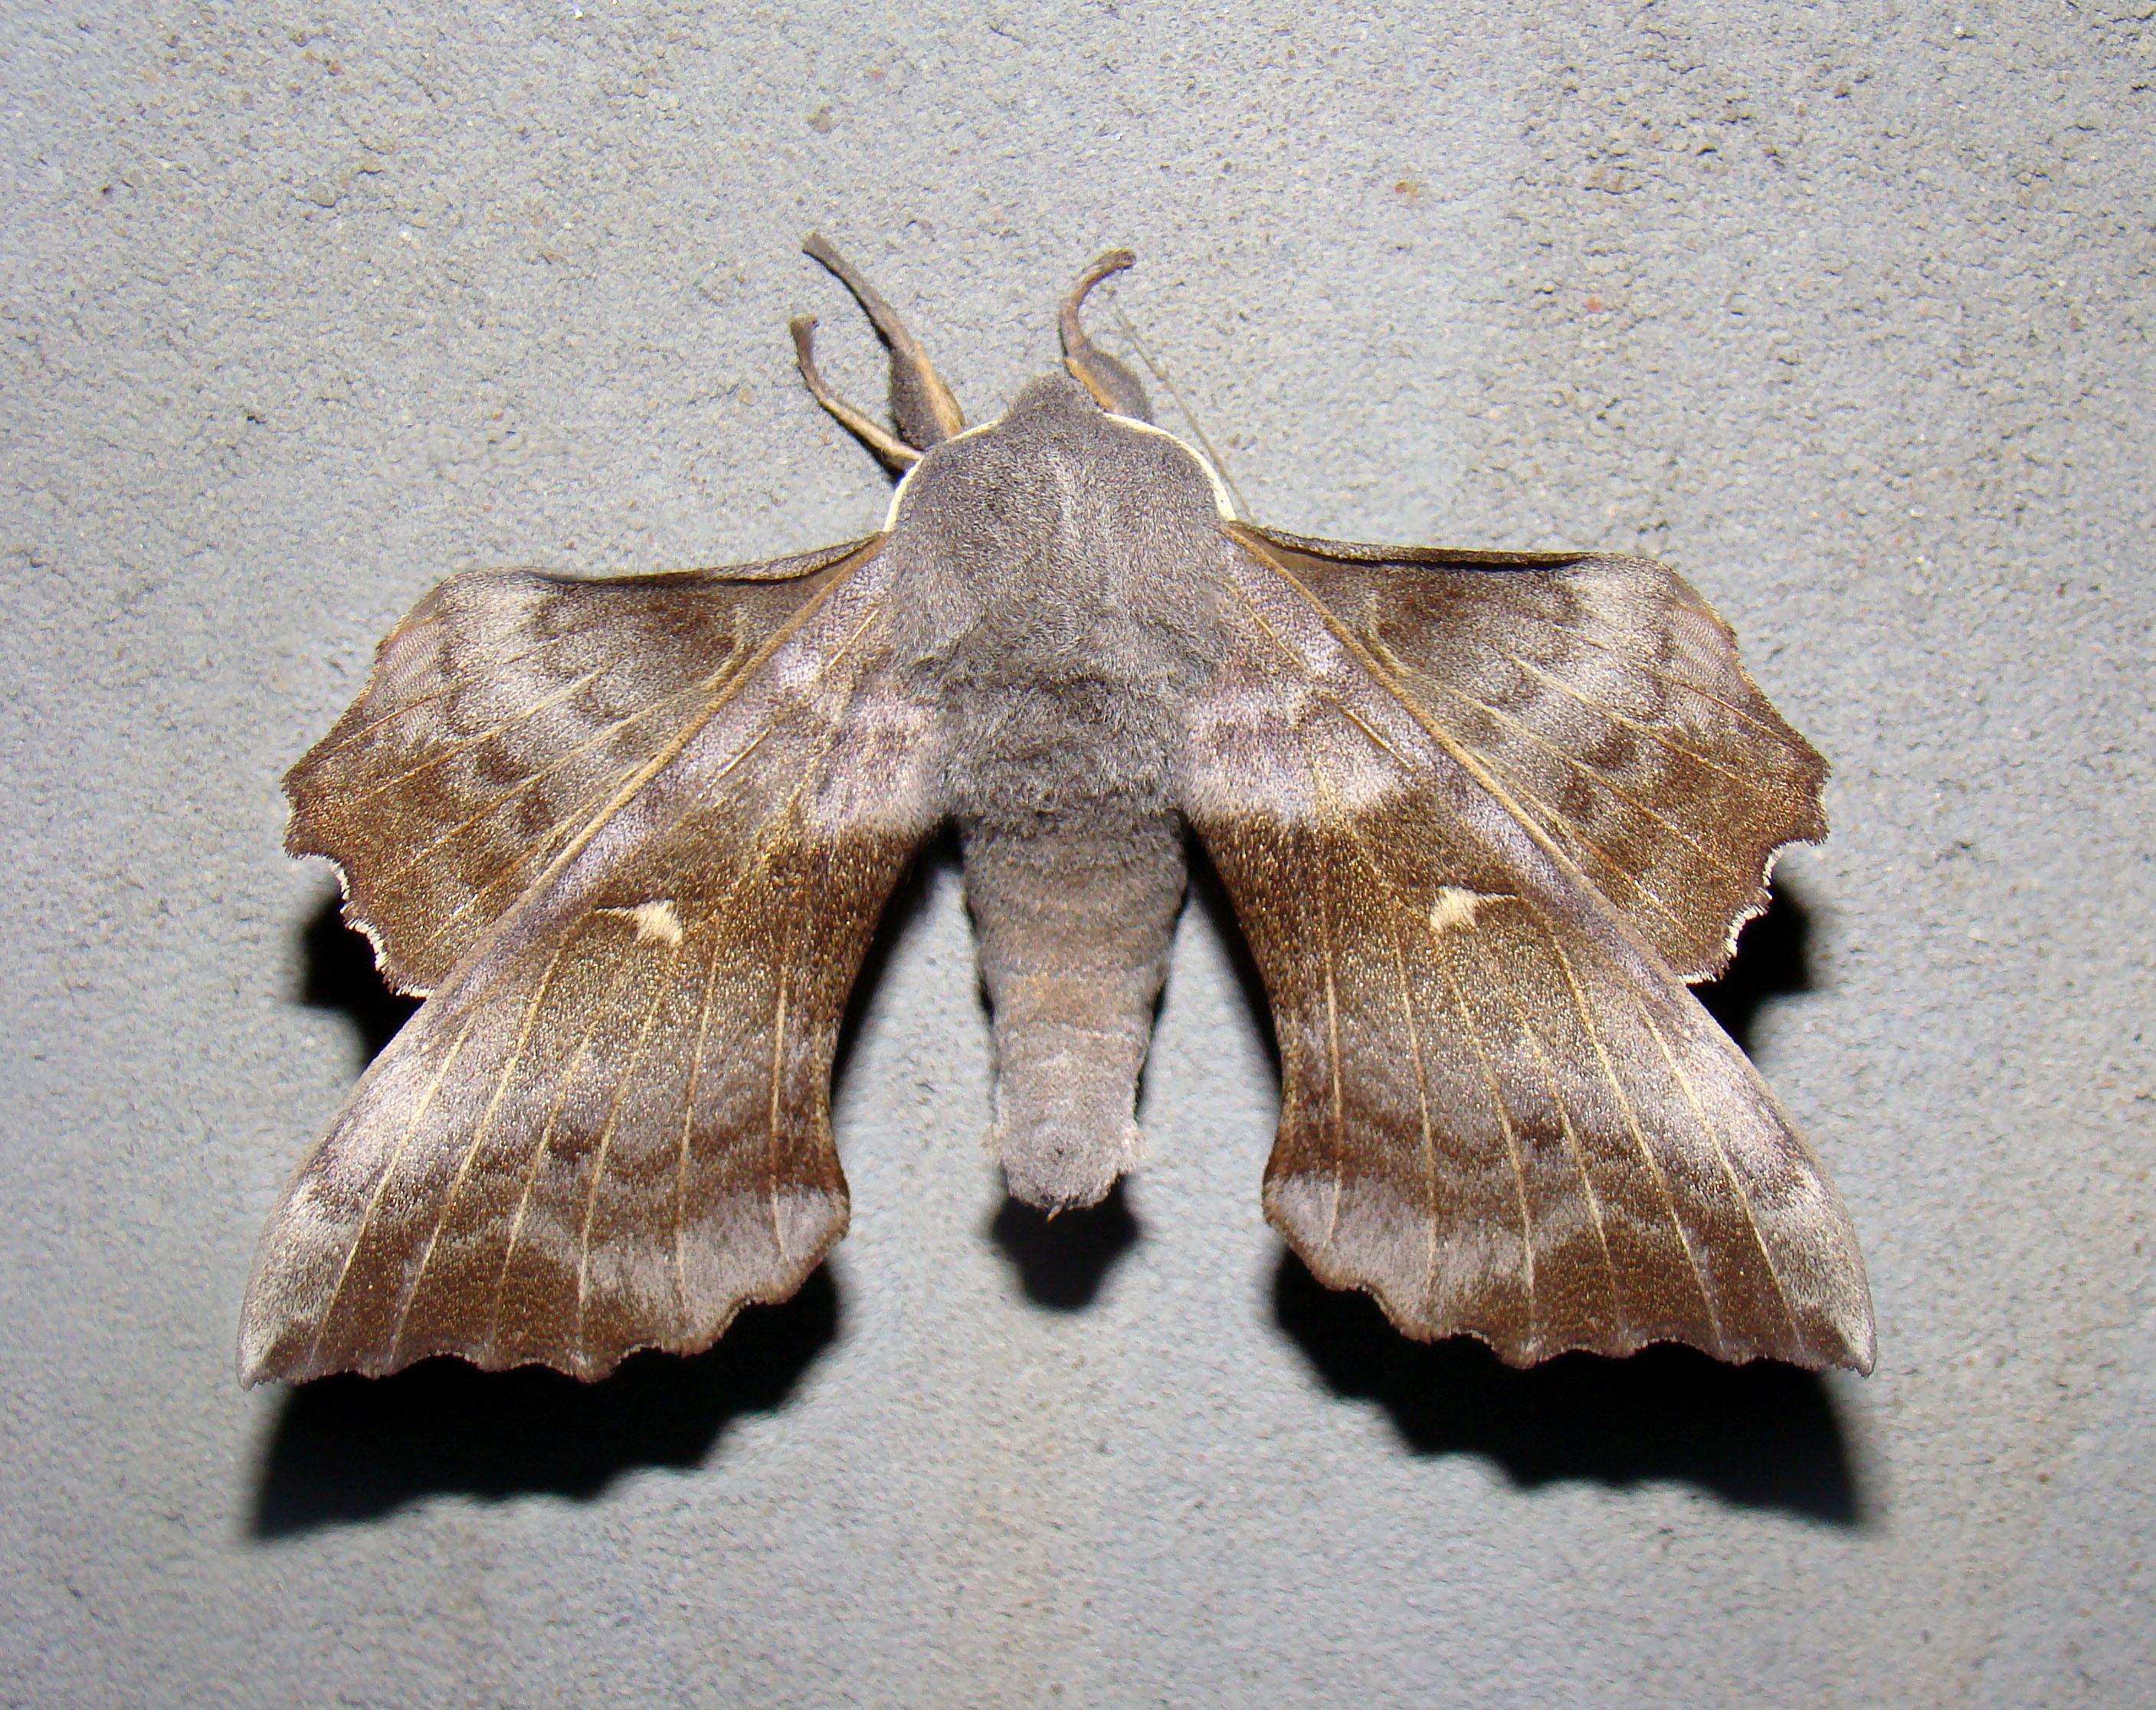 Павлиний глаз бабочка. образ жизни и среда обитания бабочки павлиний глаз   живность.ру